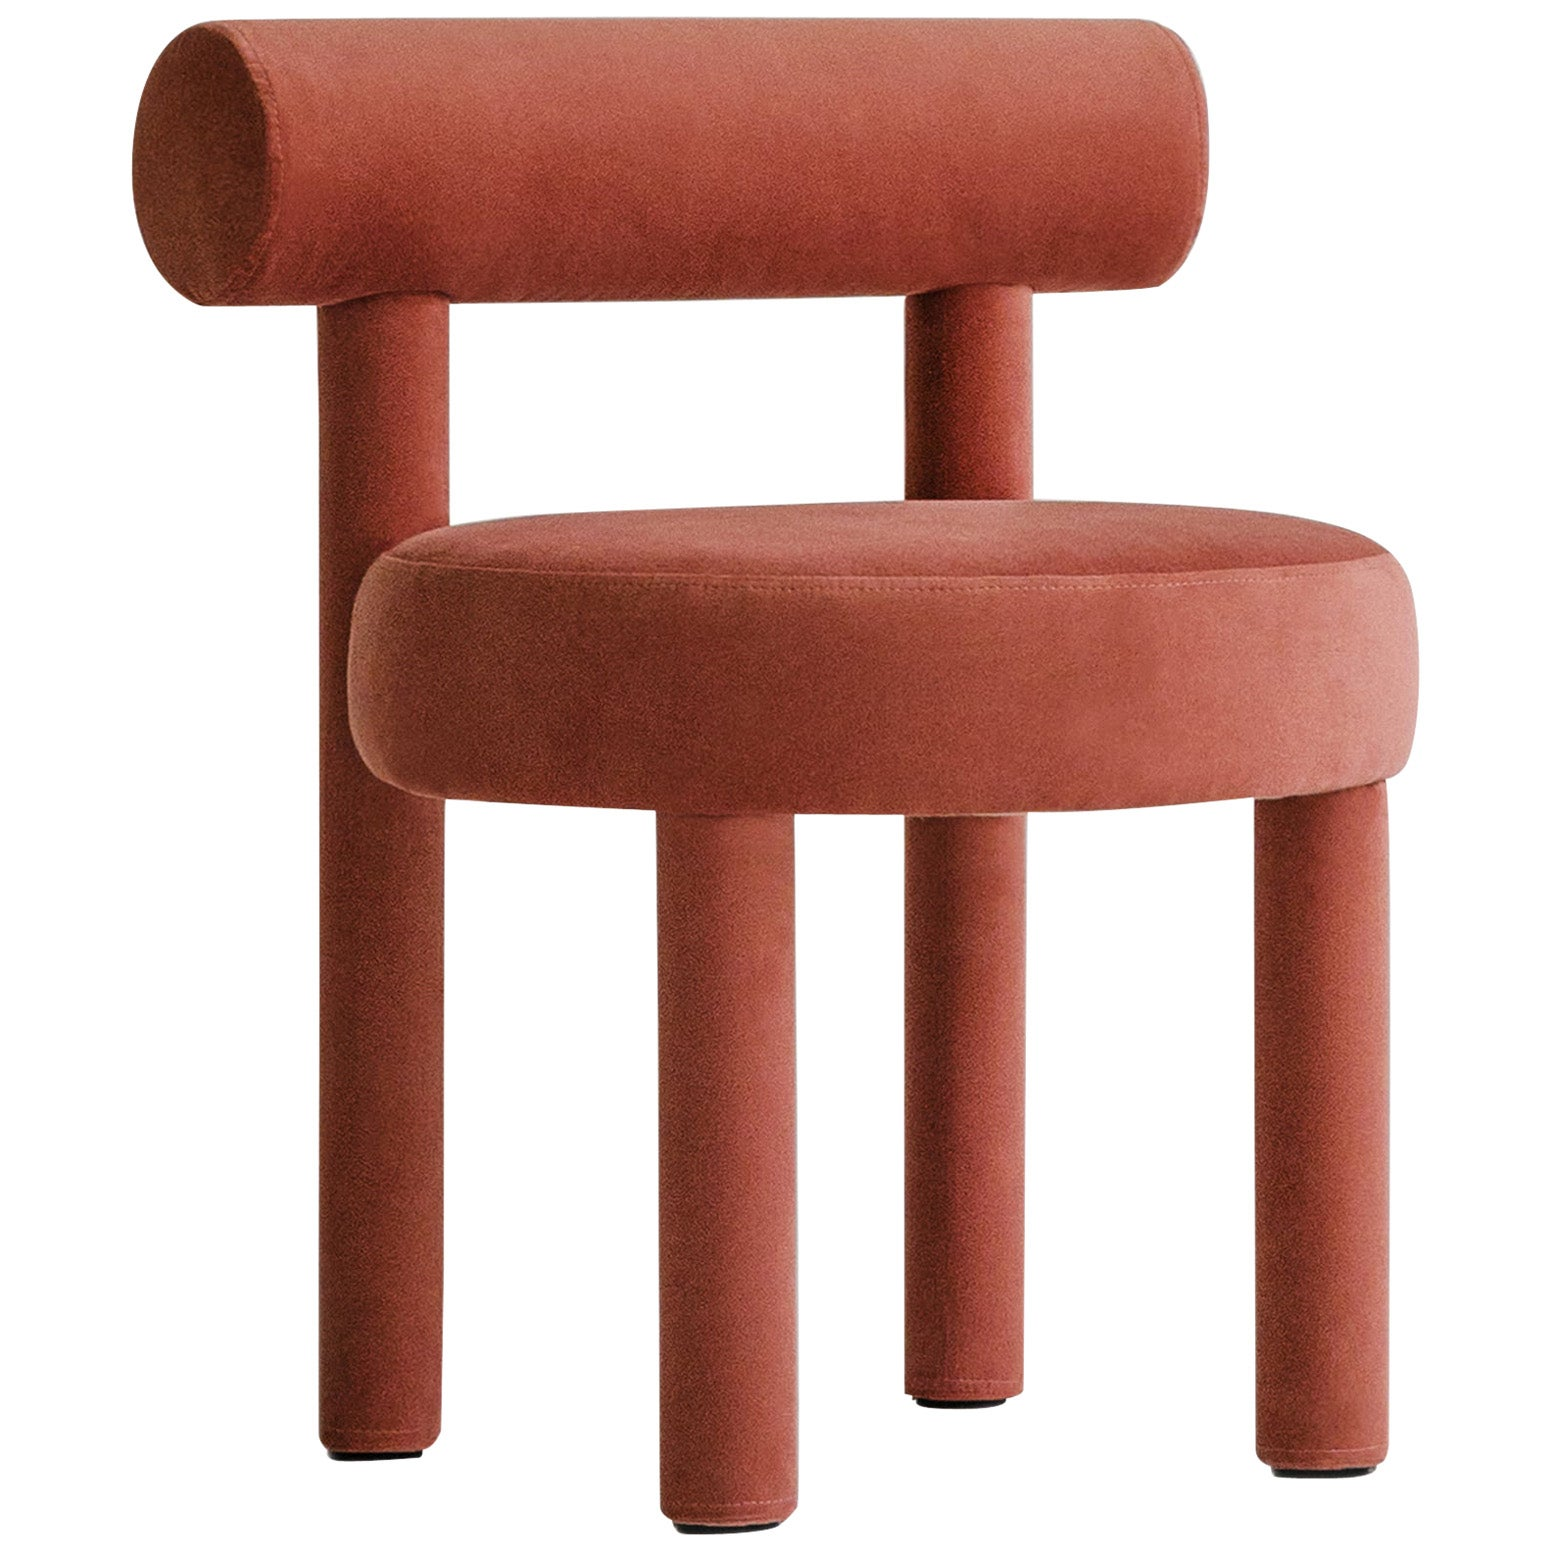 Modern Chair Gropius CS1 in Velvet Fabric by Noom